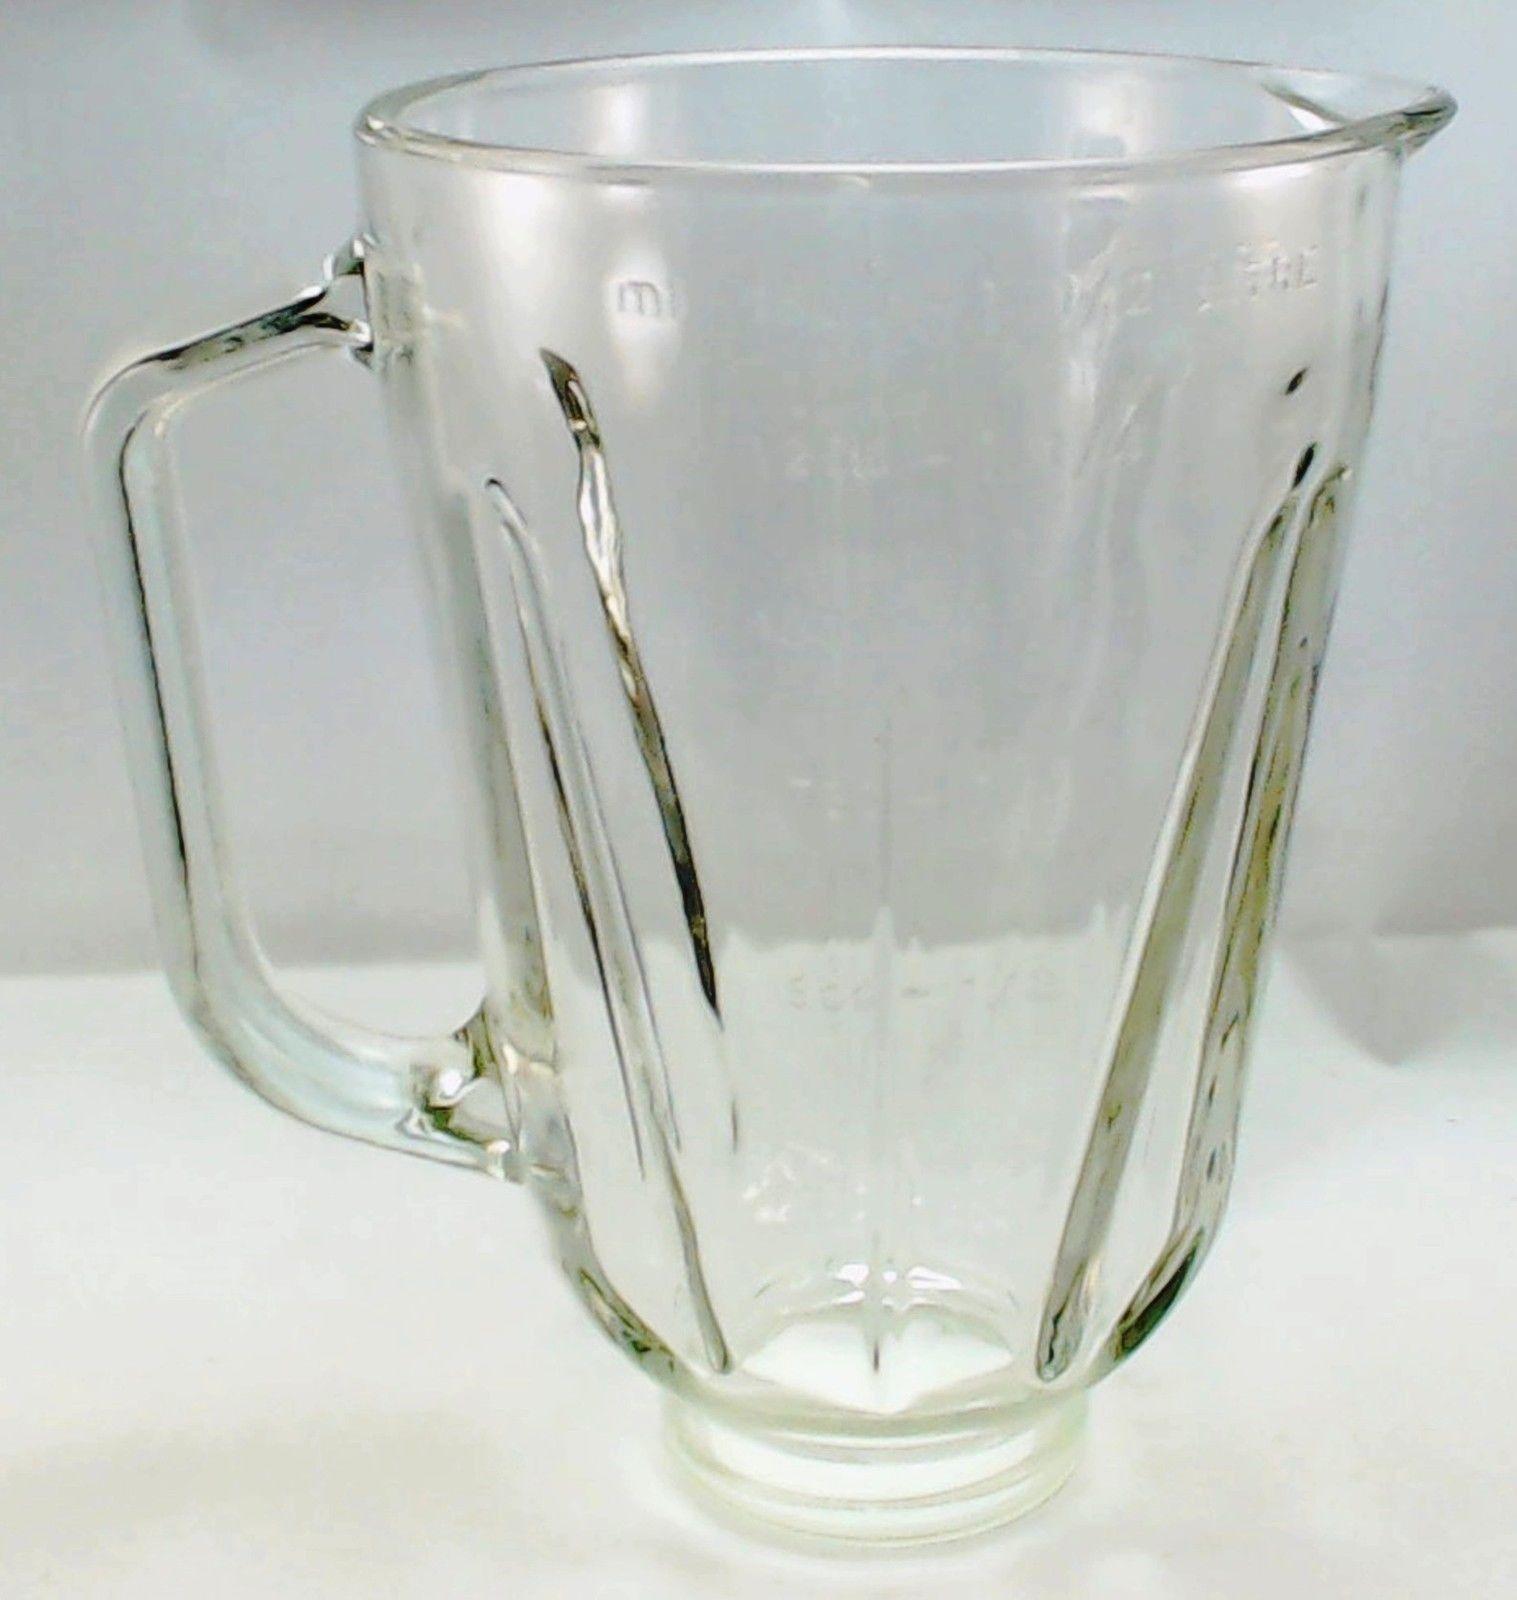 Blenders With Glass Jars ~ Sunbeam oster blender glass jar  model